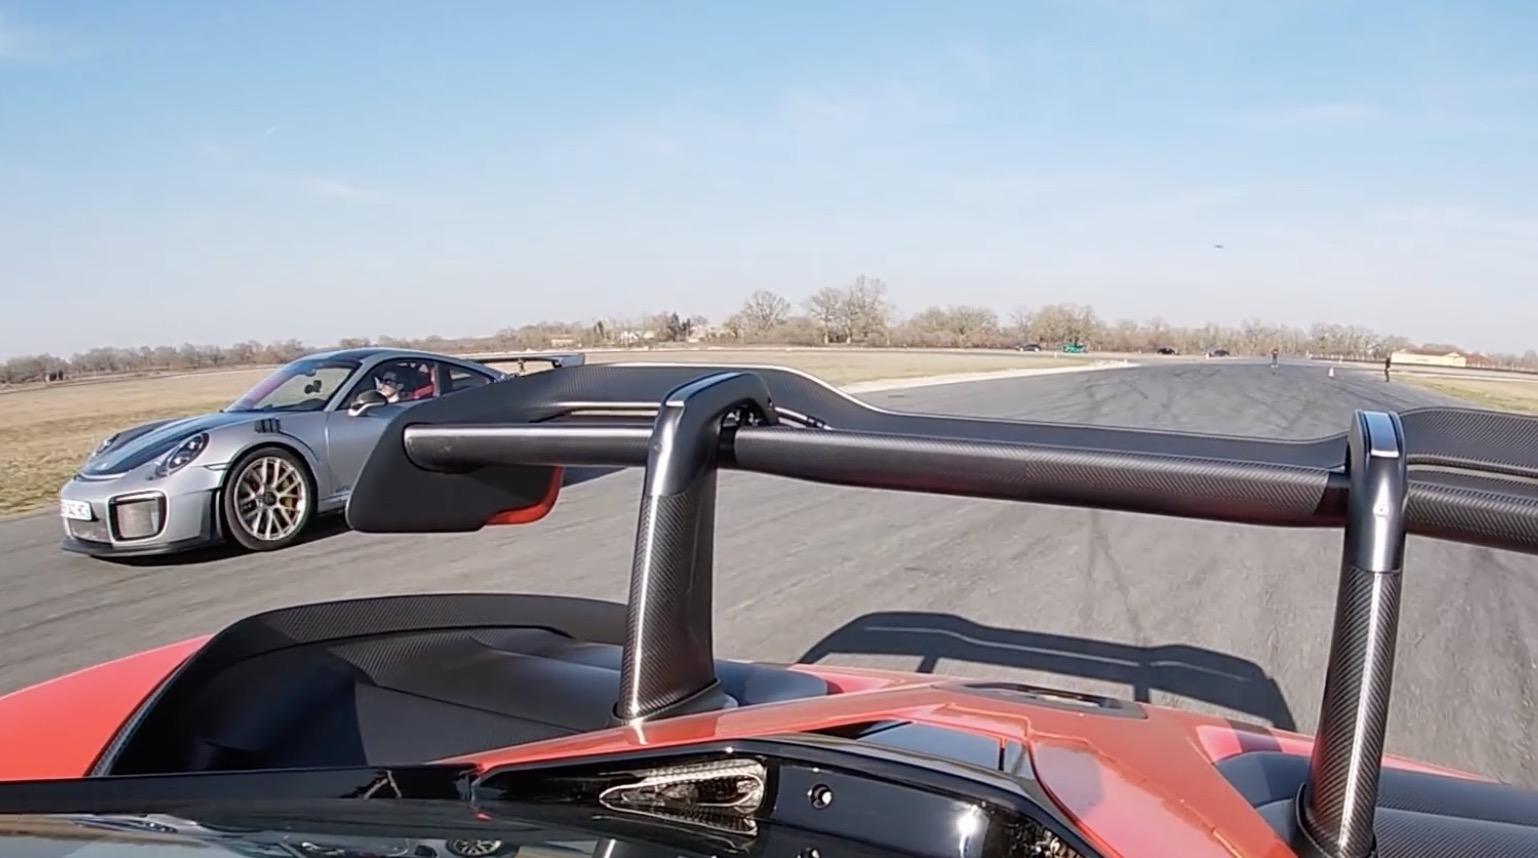 McLaren Senna vs Porsche GT2RS